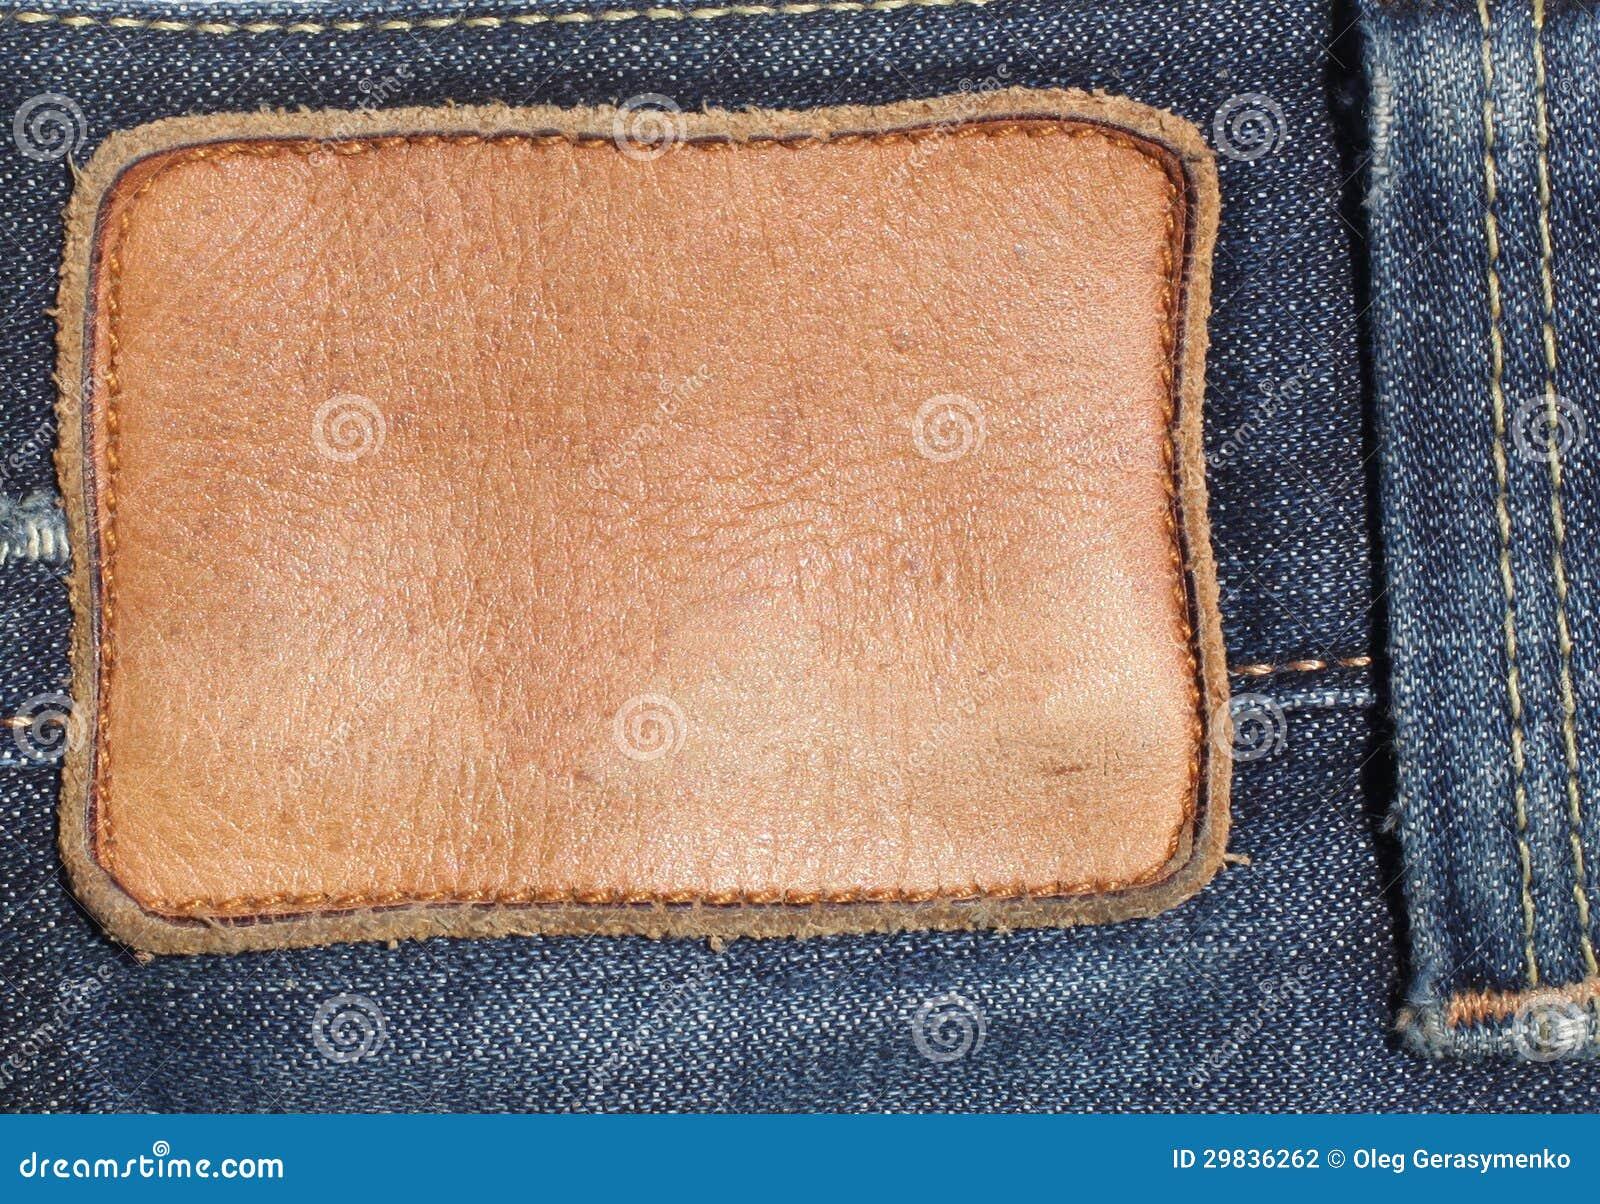 Etiqueta de couro vazia das calças de brim